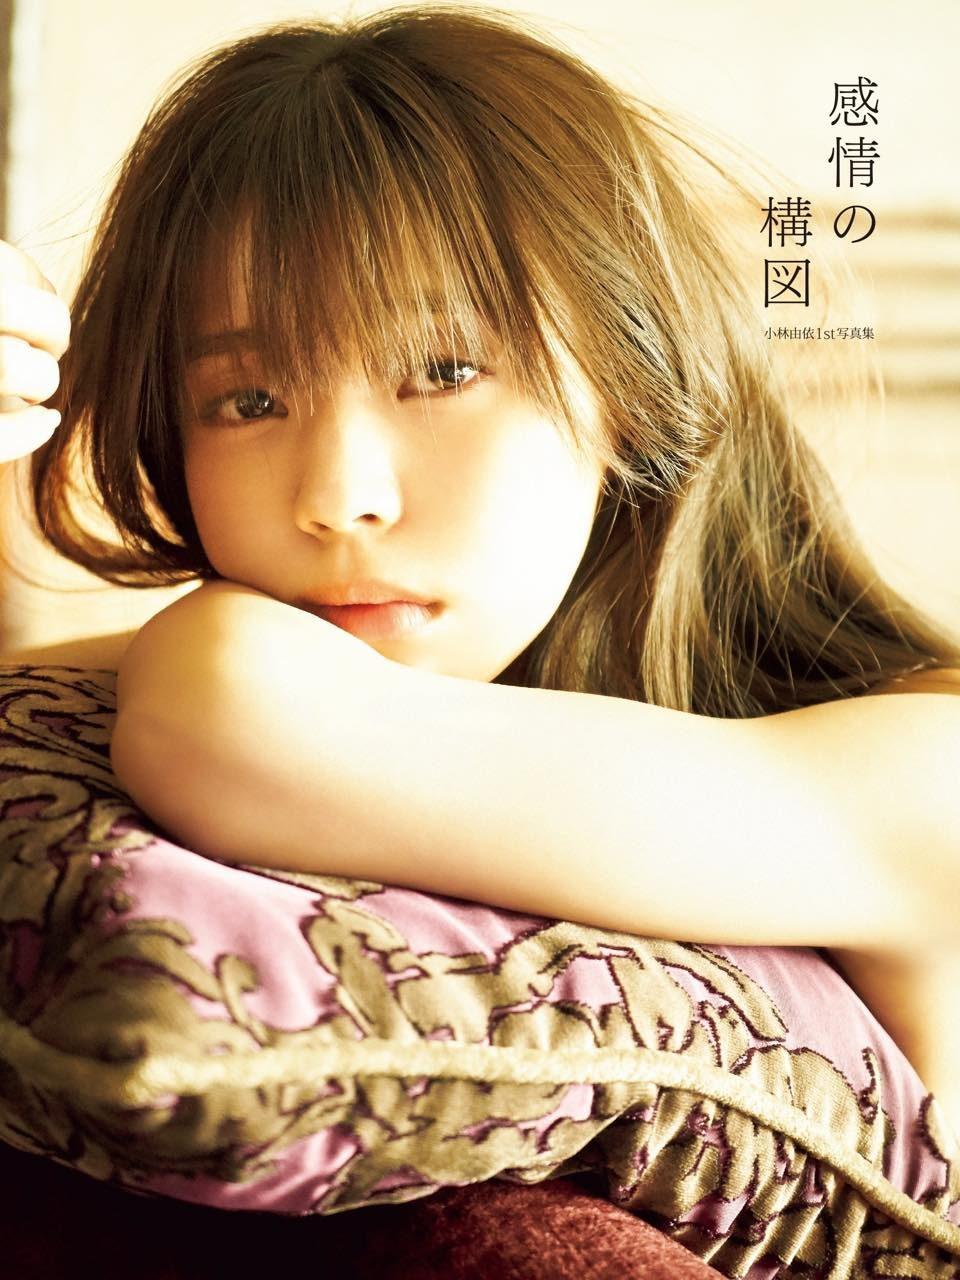 欅坂46小林由依 ファースト写真集「感情の構図」 [3/13発売]